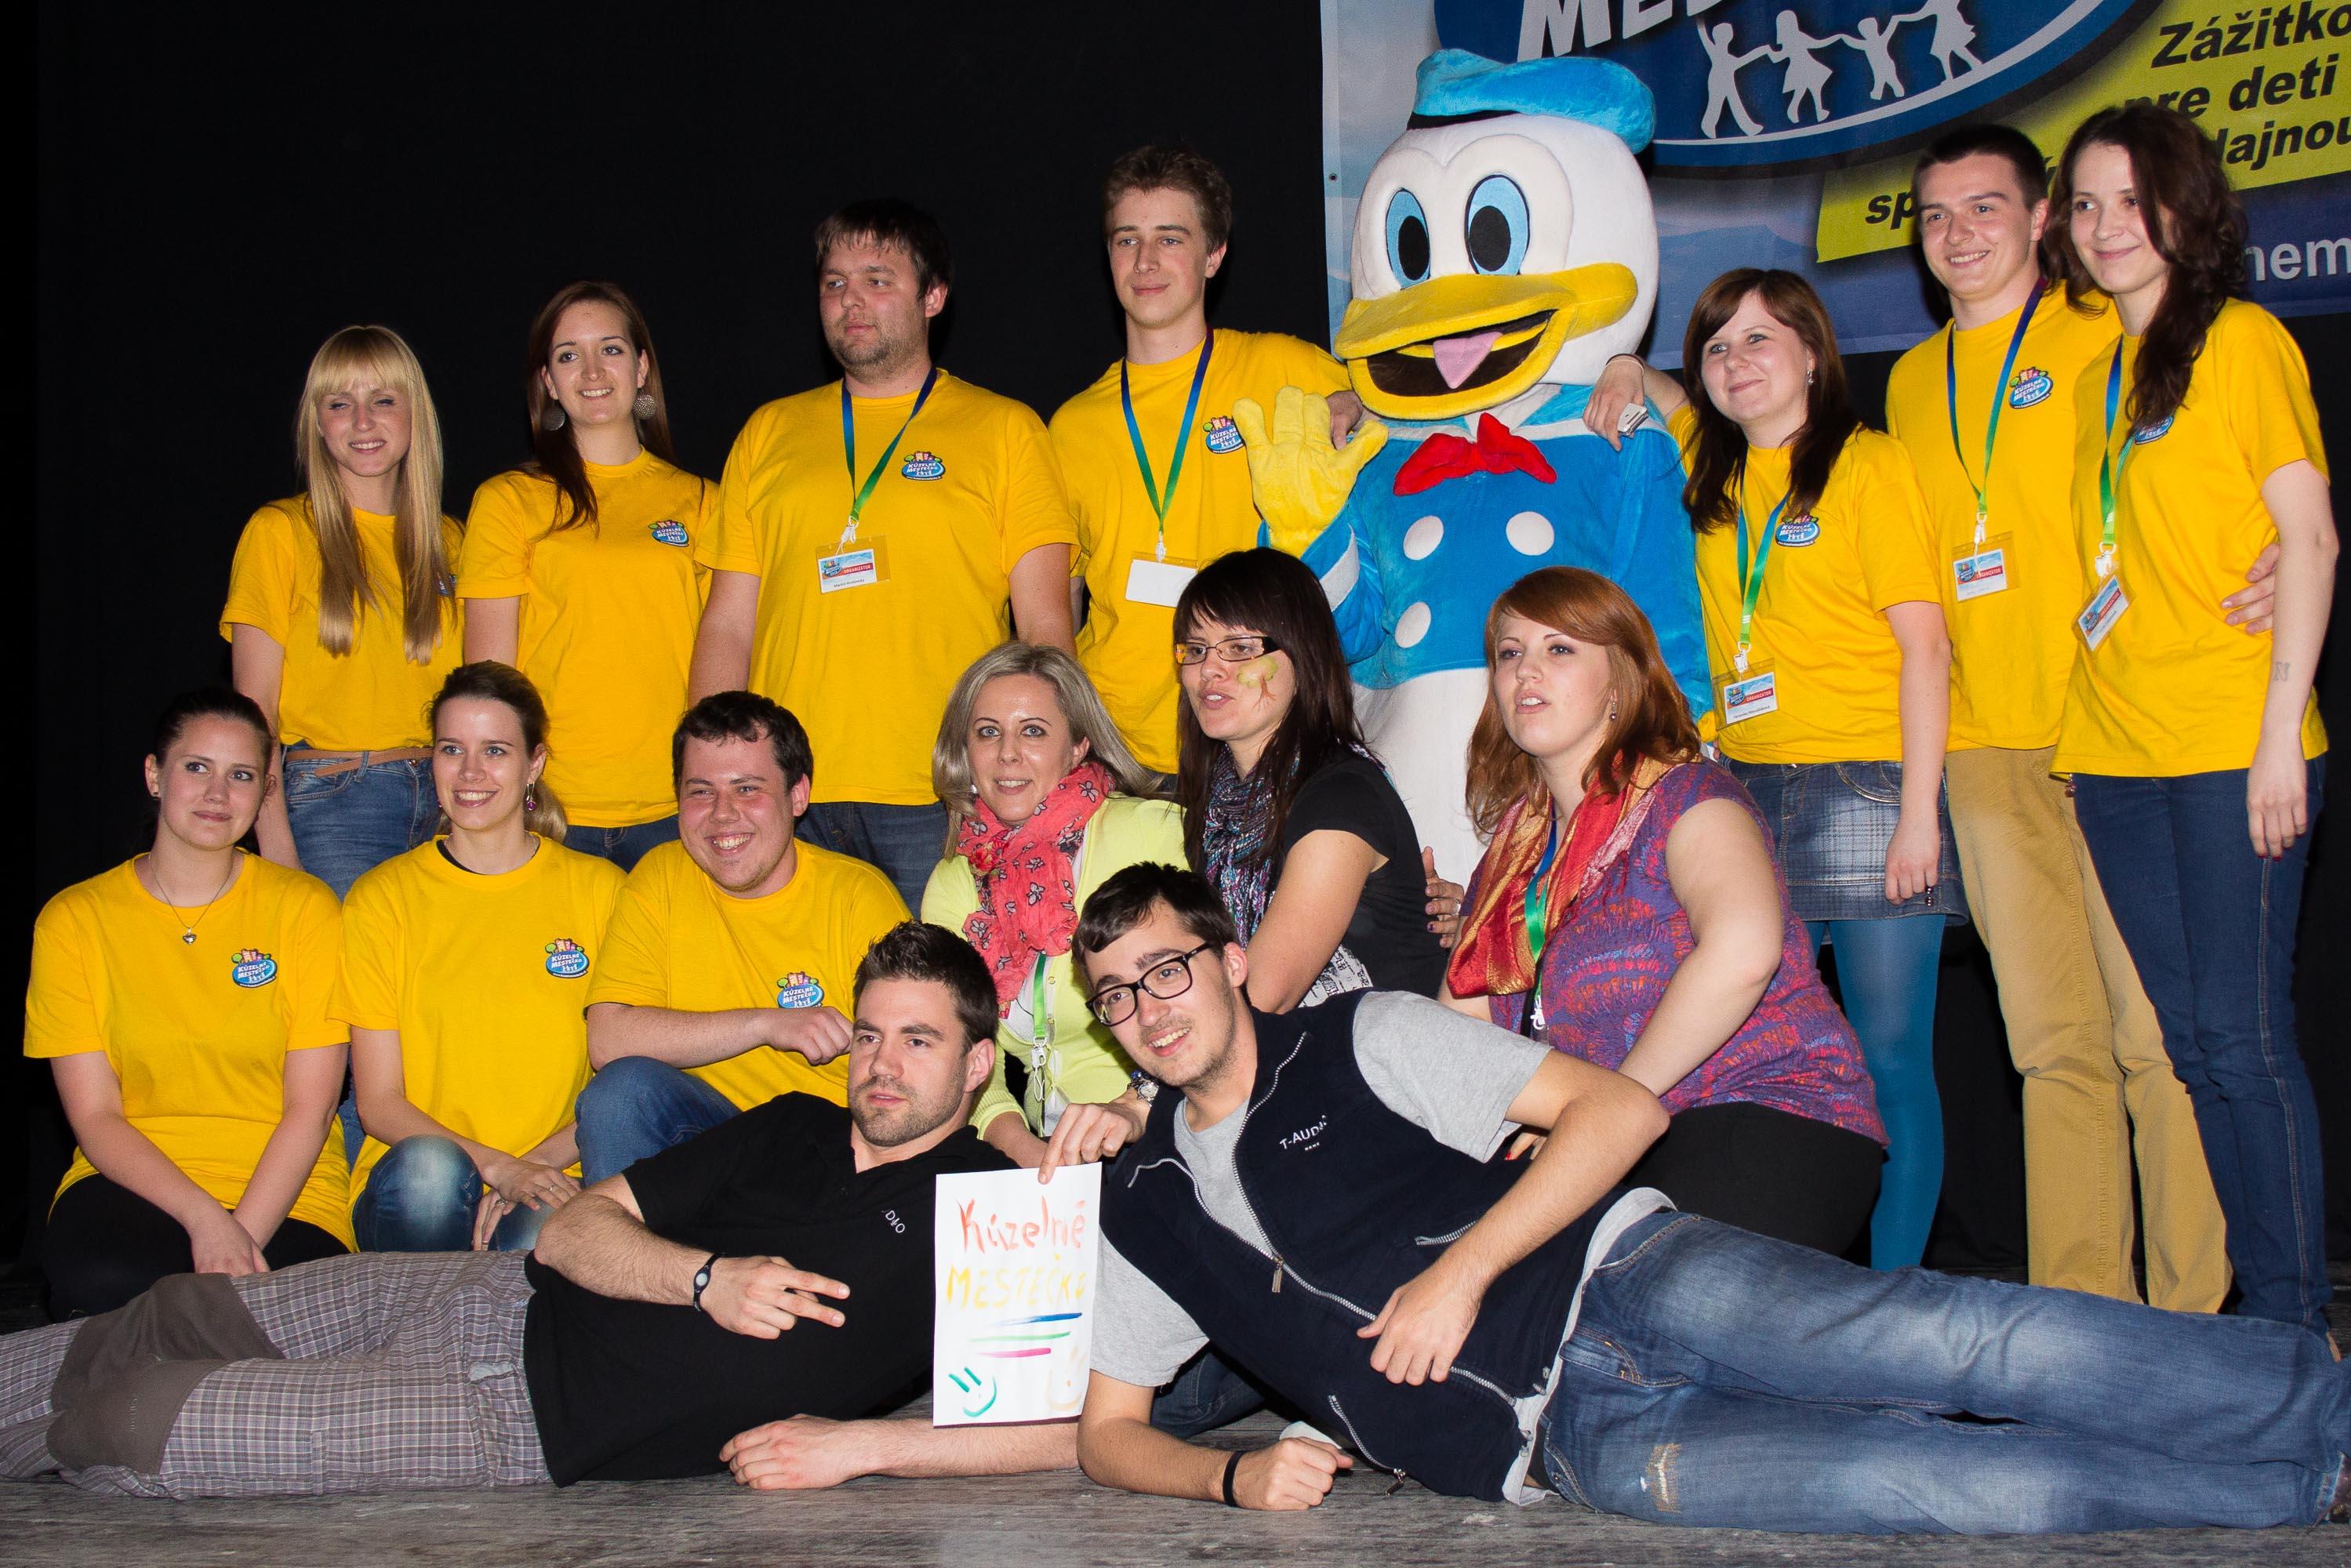 kuzelne-mestecko-2013-zvolen-6